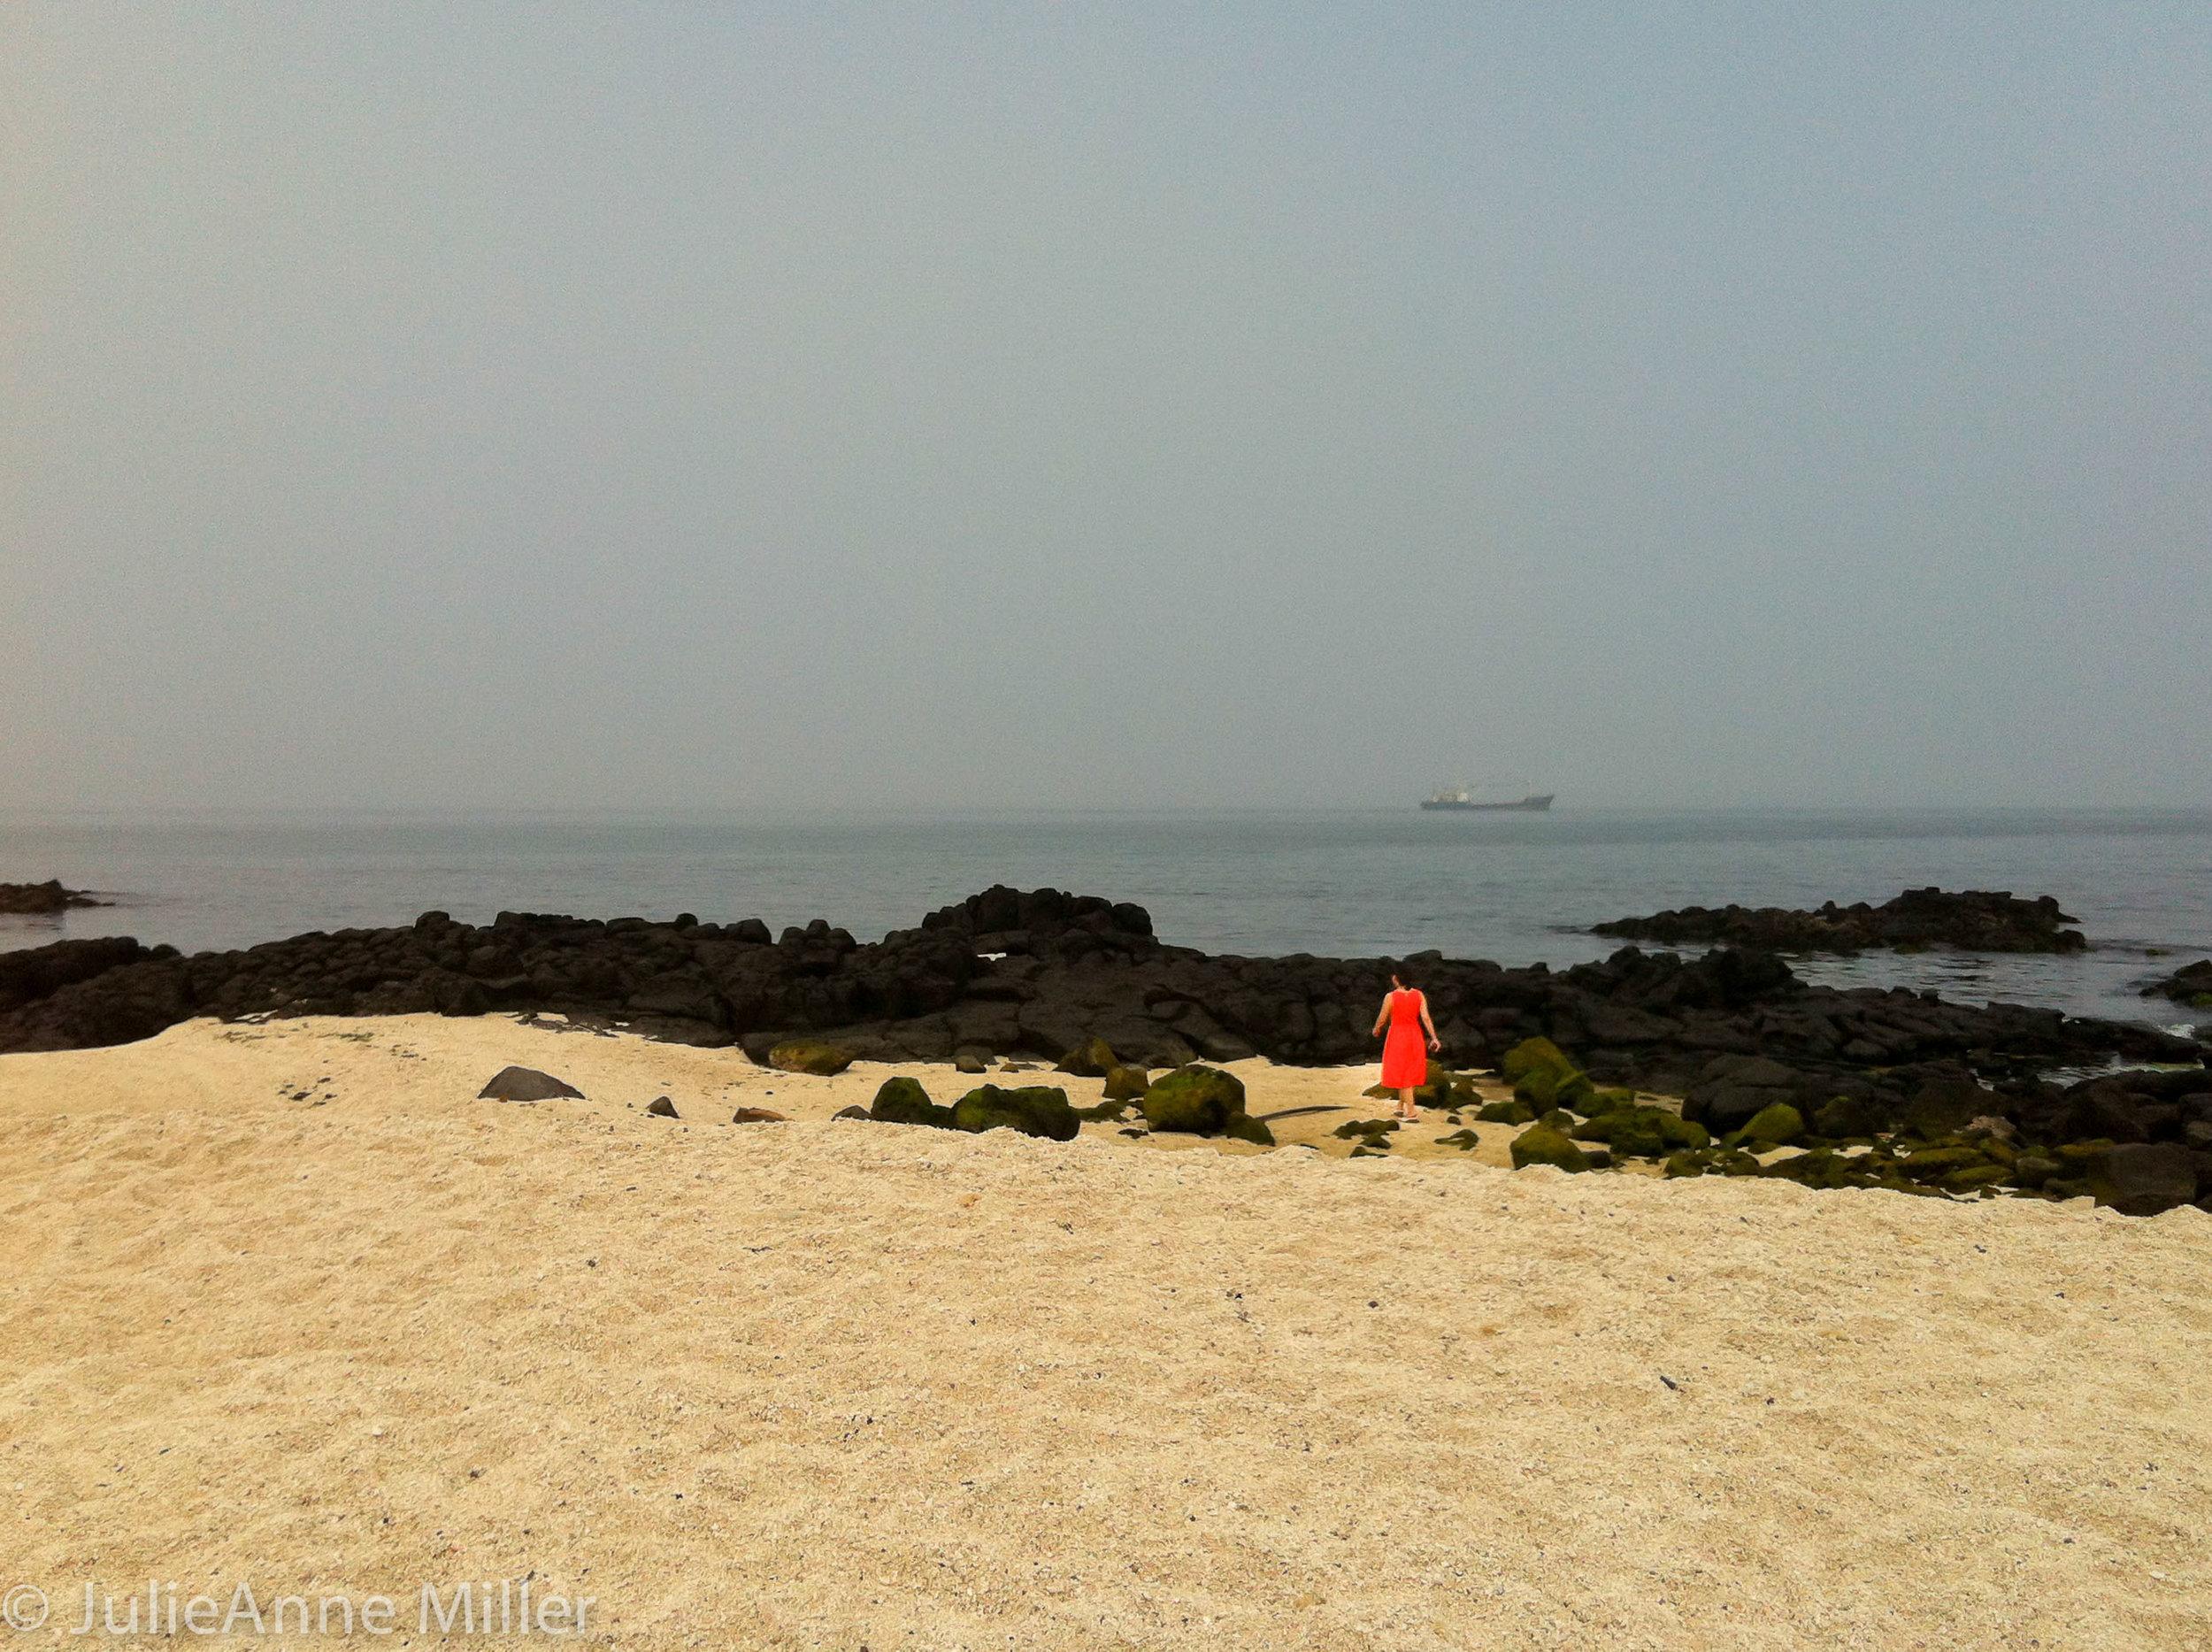 Seobin Baeksa Beach, Udo, South Korea